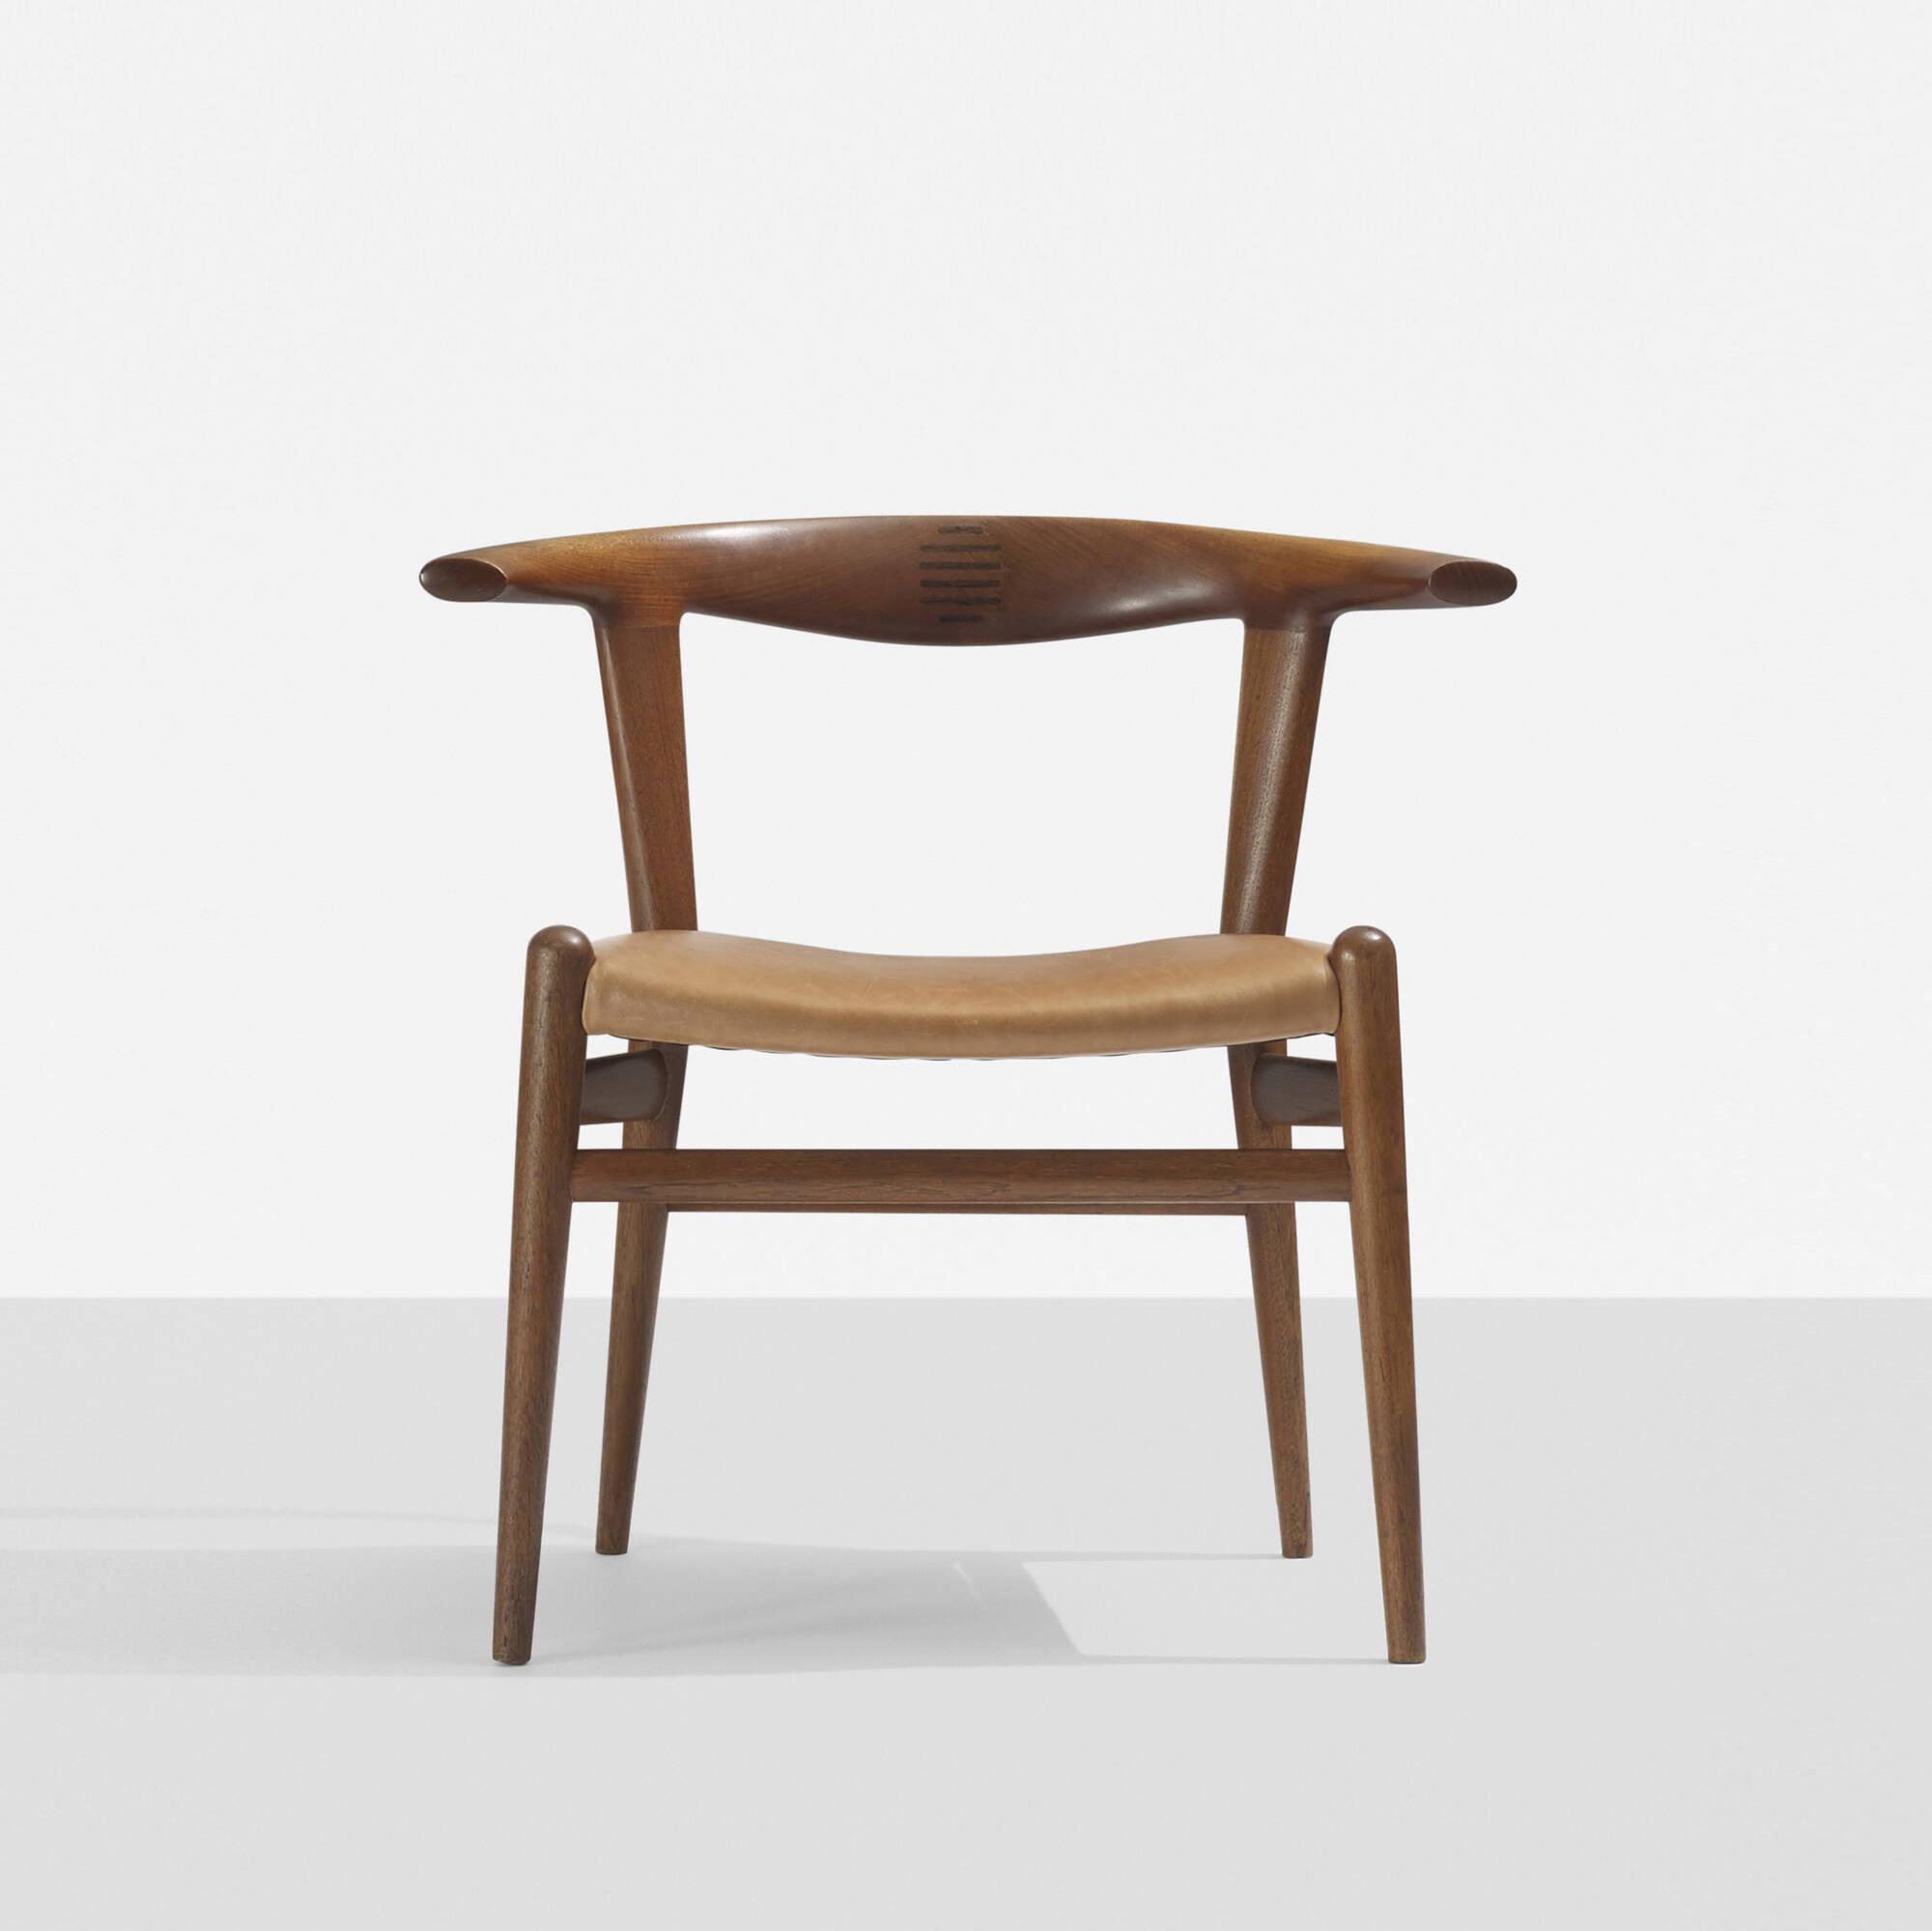 206 HANS J WEGNER, Bull Horn chair